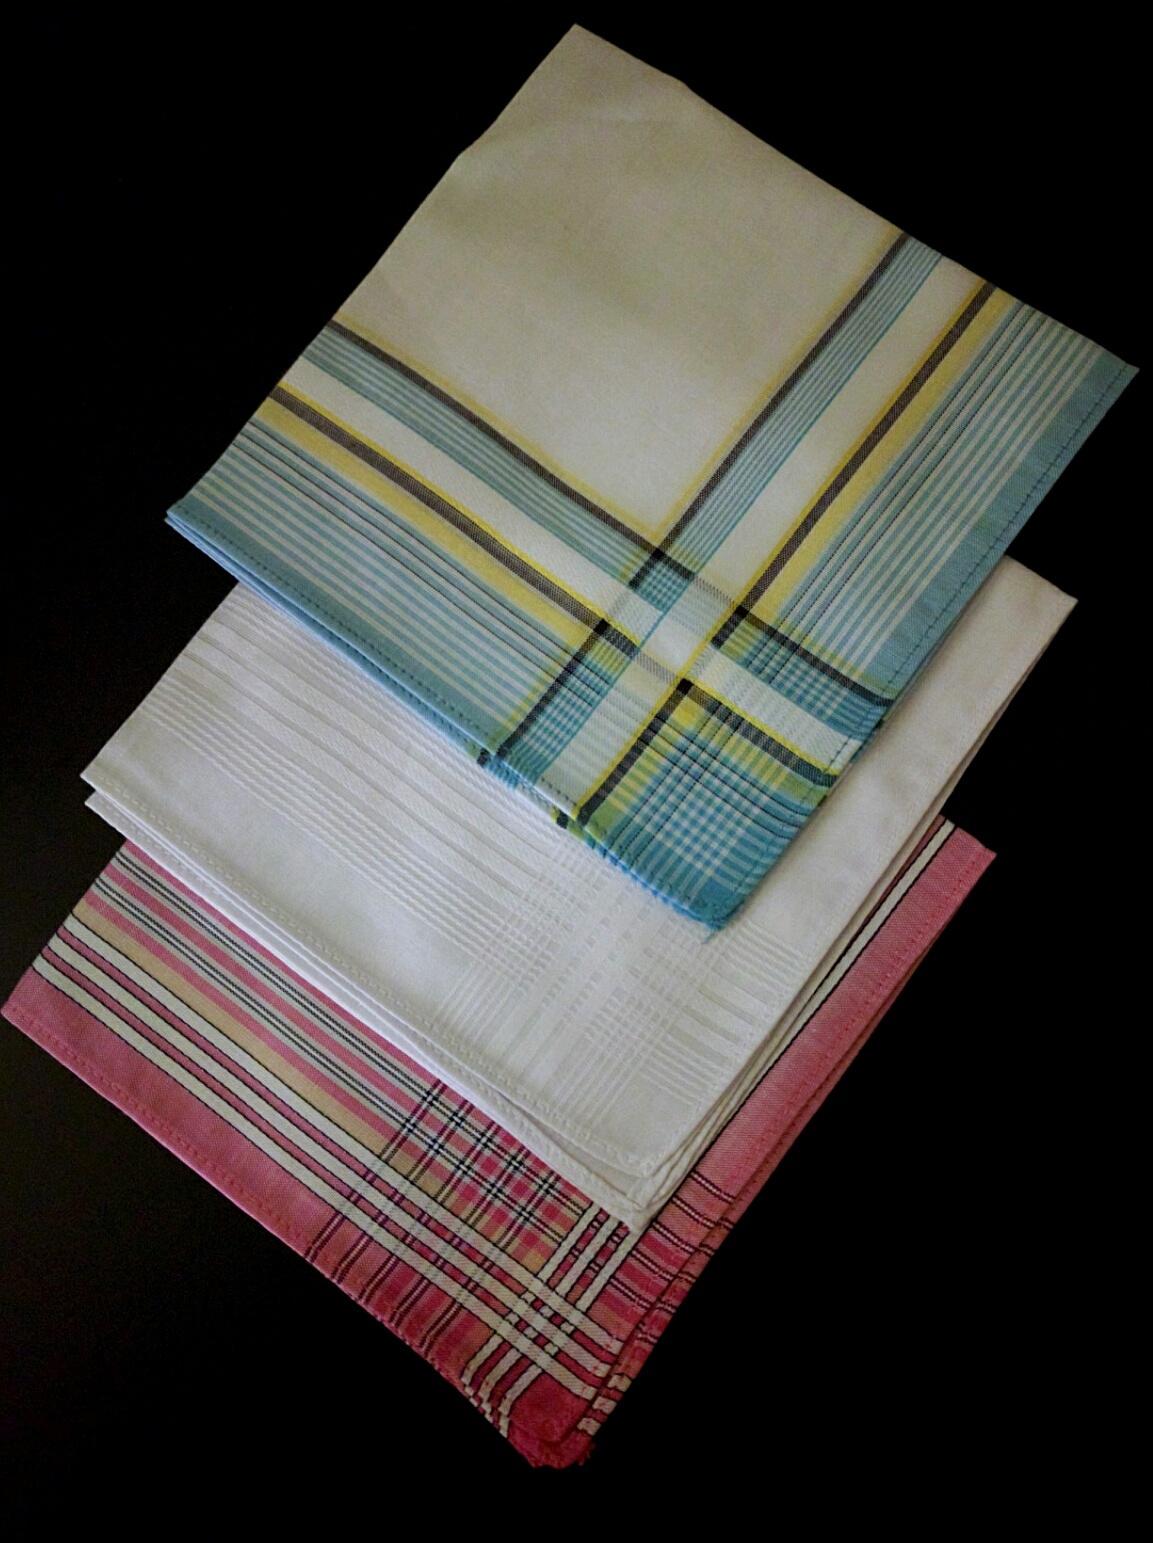 Стихи к подарку носовые платки 2